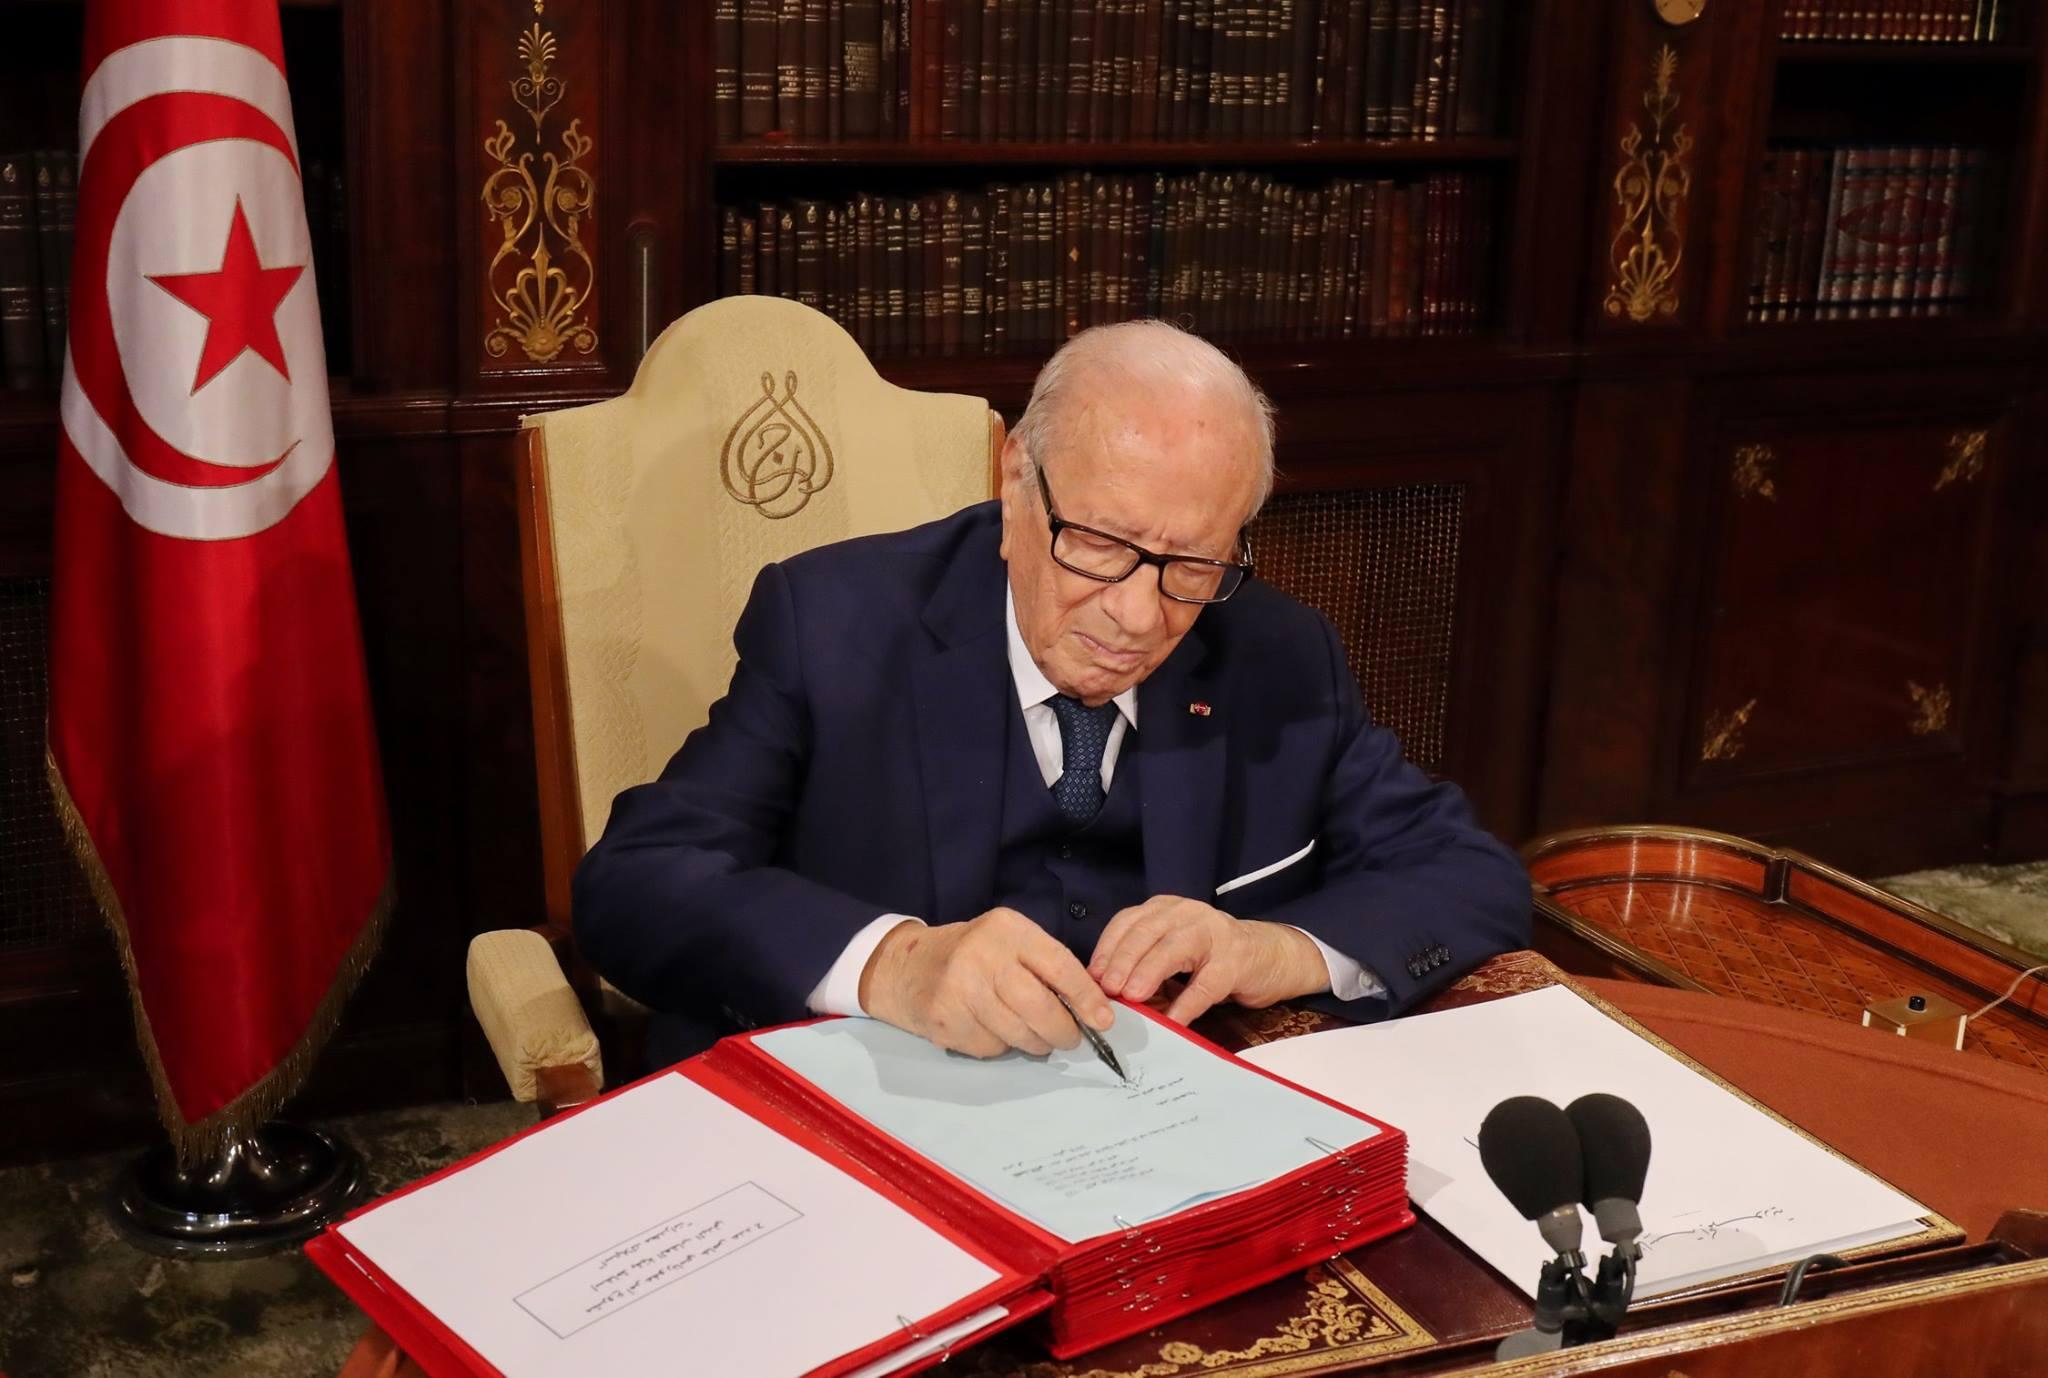 بعفو خاص من رئيس الجمهورية : الافراج عن 459 سجينا